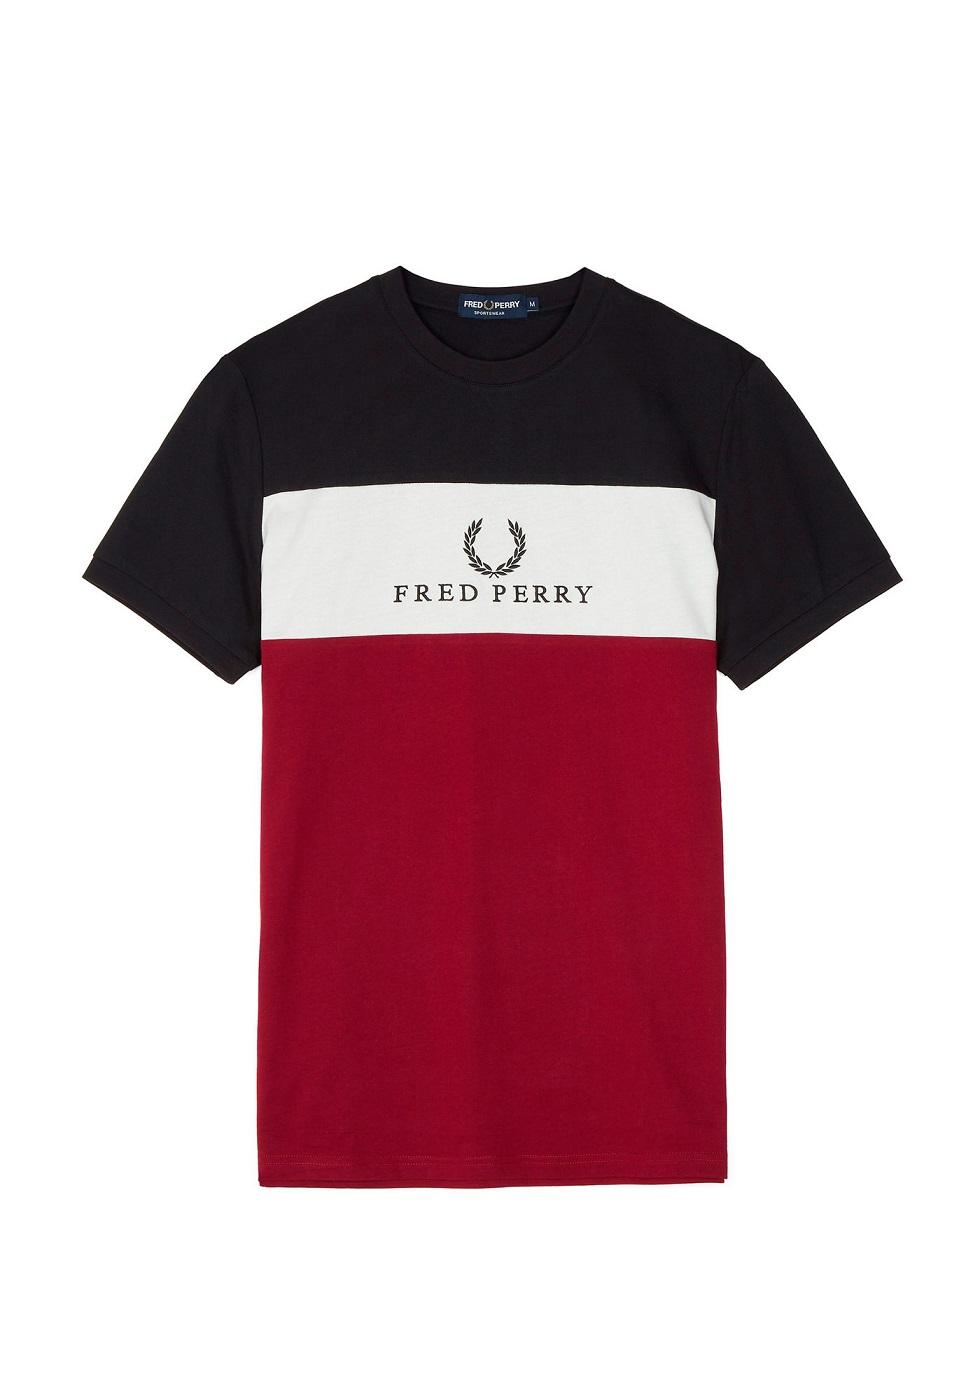 FRED PERRY(フレッドペリー) Tシャツ